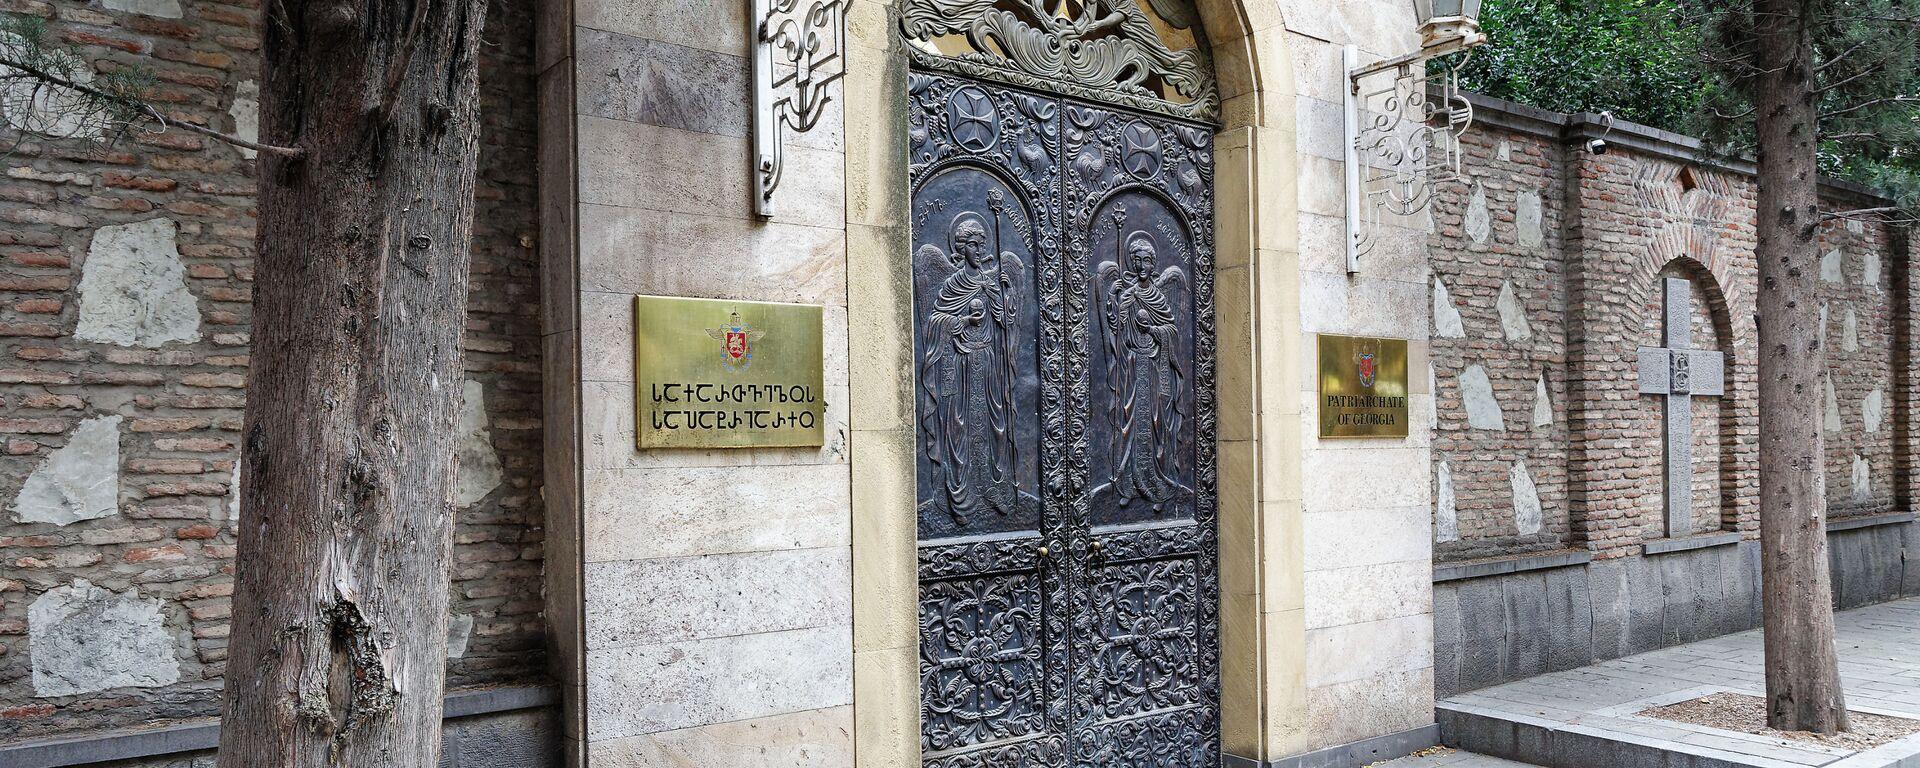 საქართველოს საპატრიარქო - Sputnik საქართველო, 1920, 13.10.2021